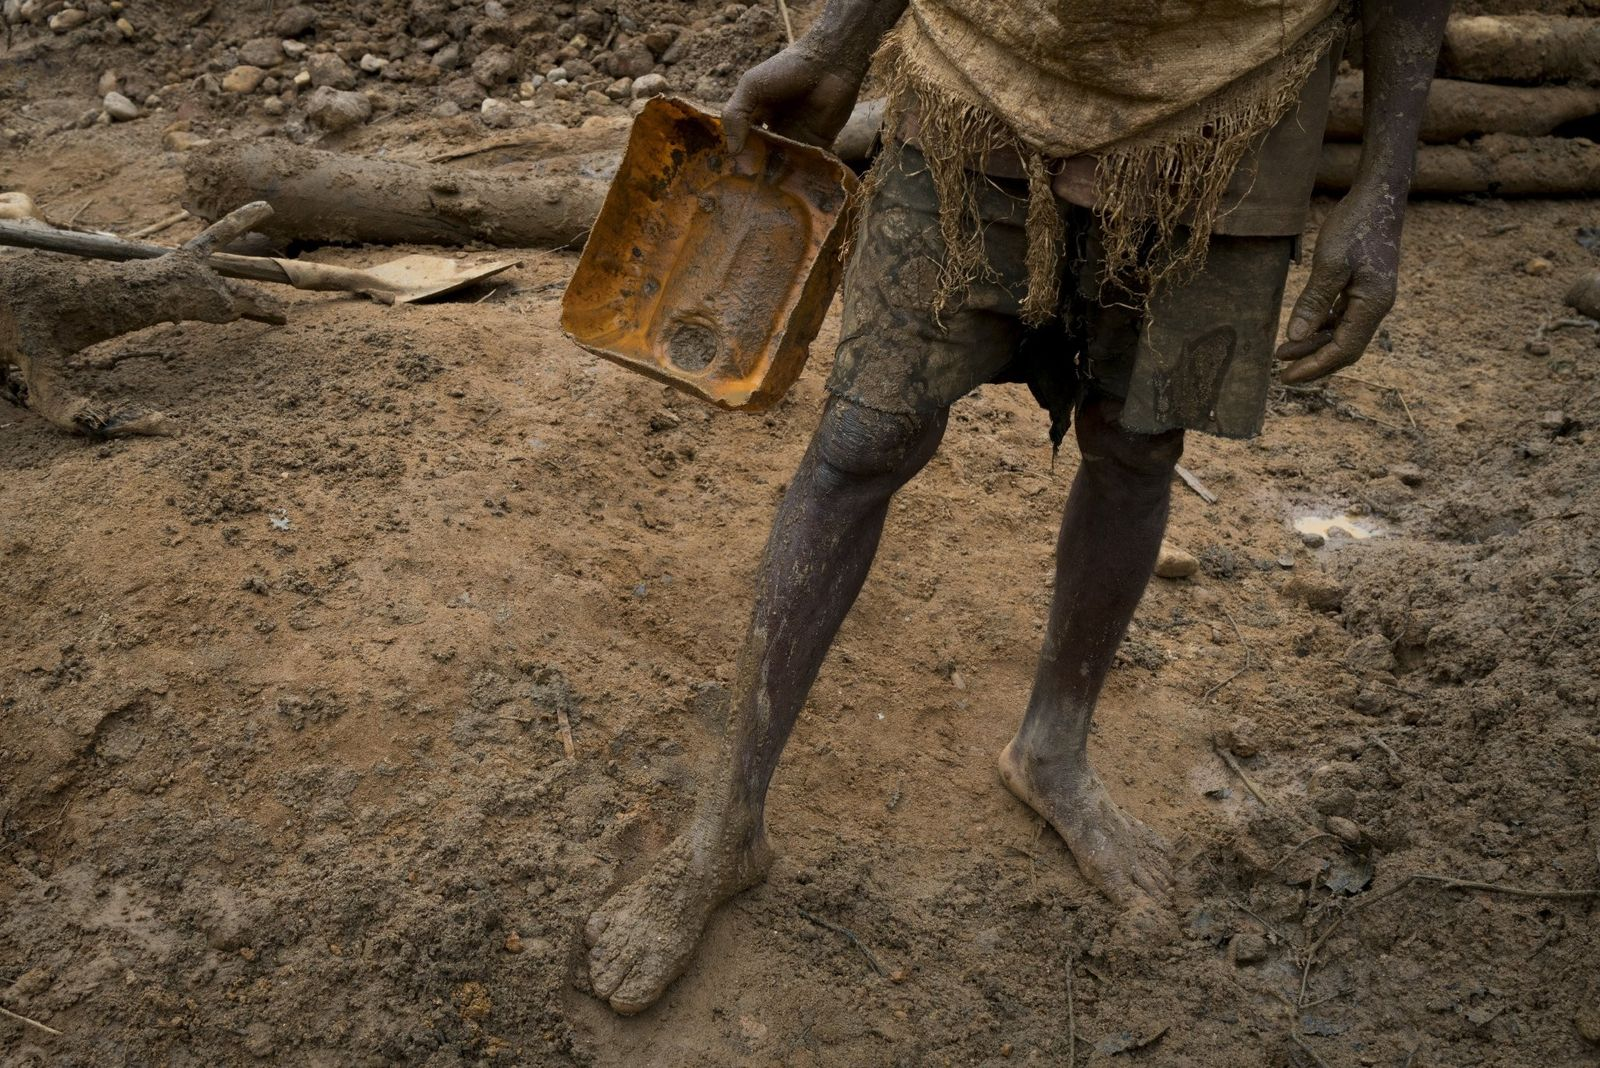 Un homme couvert de boue tient un morceau de jerrycan en plastique qu'il utilise pour ôter ...